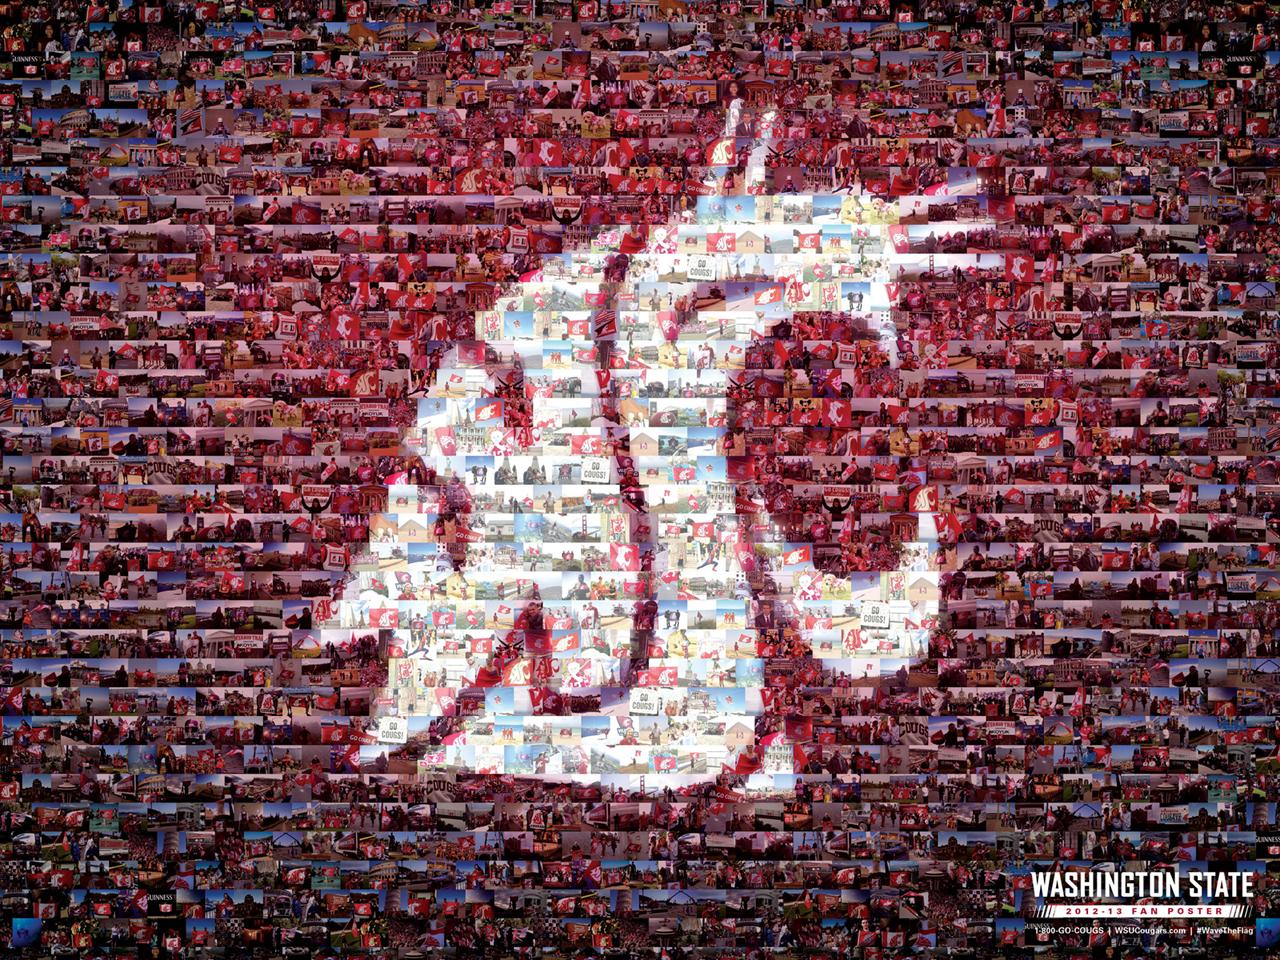 University Of Washington Wallpaper httpwwwreproductive fitnesscom 1280x960